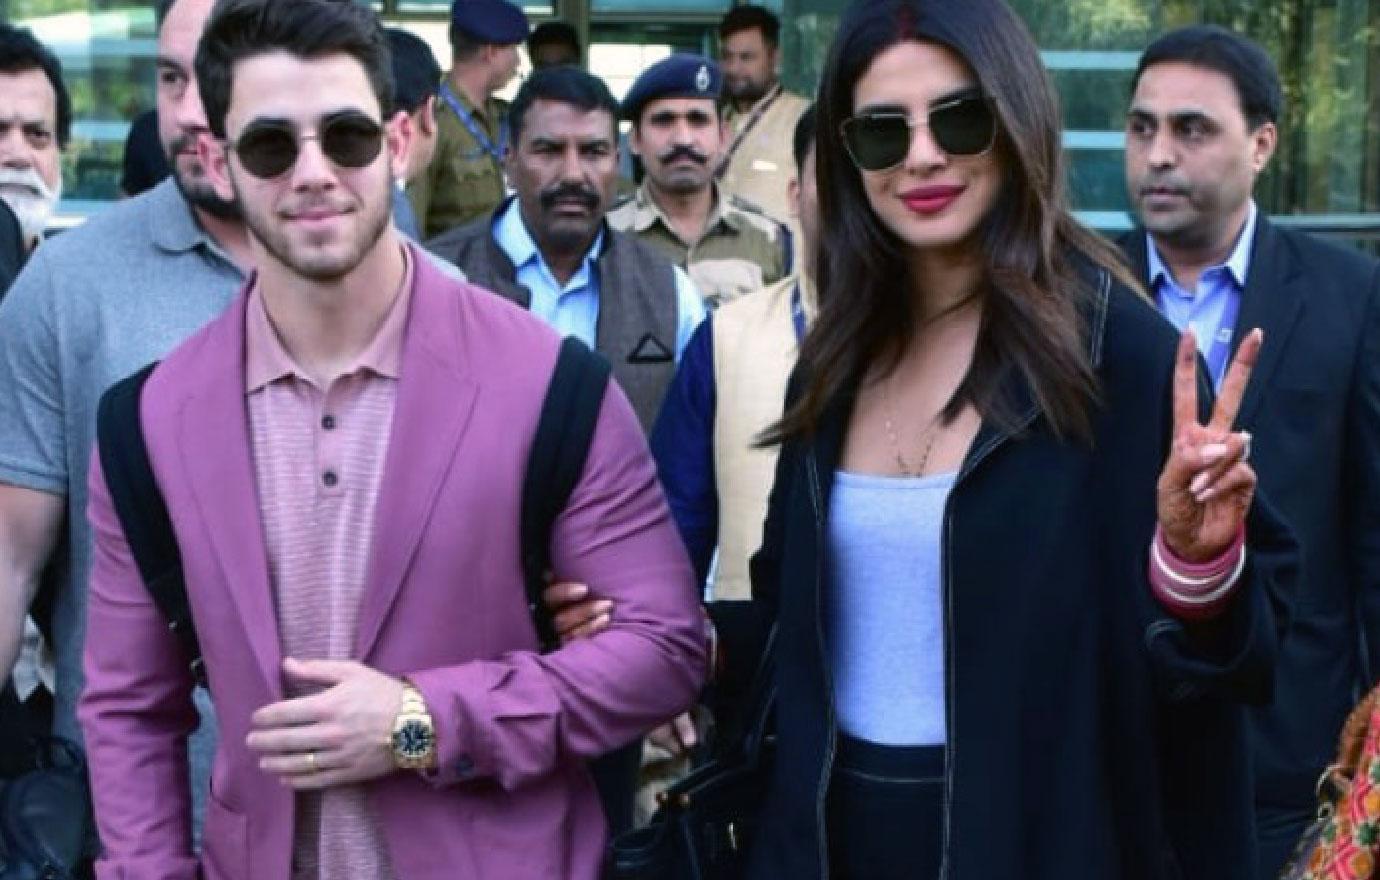 Newlyweds Nick Jonas And Priyanka Chopra Attend Another Wedding